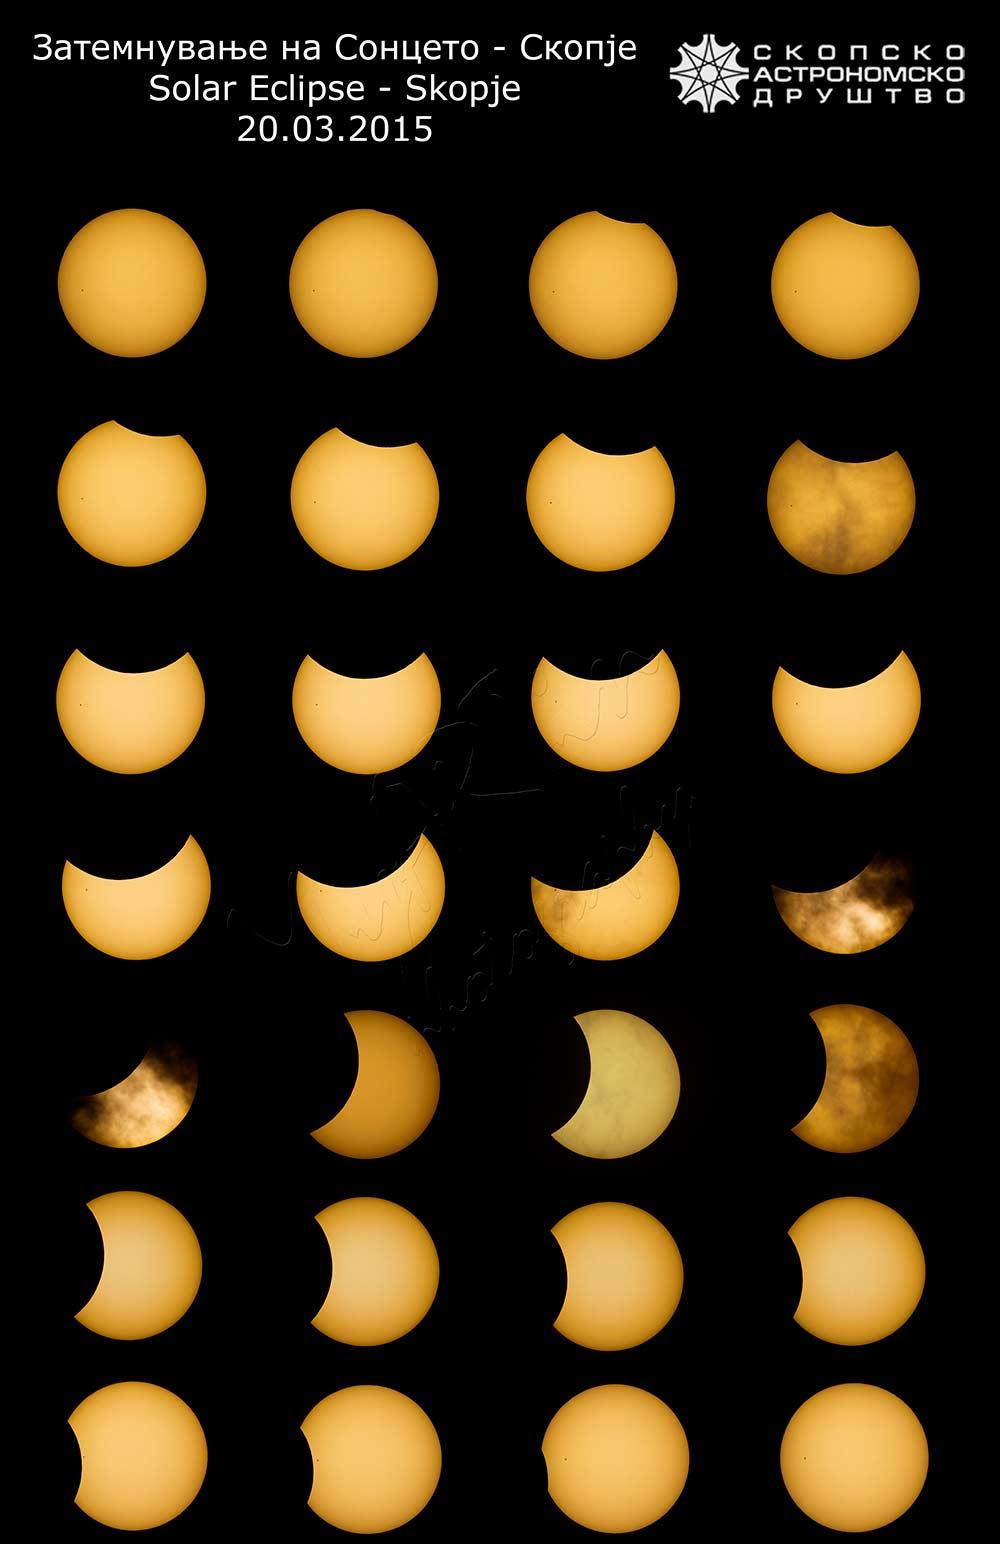 Колаж од фазите за време на затемнувањето во Скопје. За време на максимумот 15-тина минути Сонцето ни беше облаци па тој дел изостанува. Авторски права: Мартин Стојановски